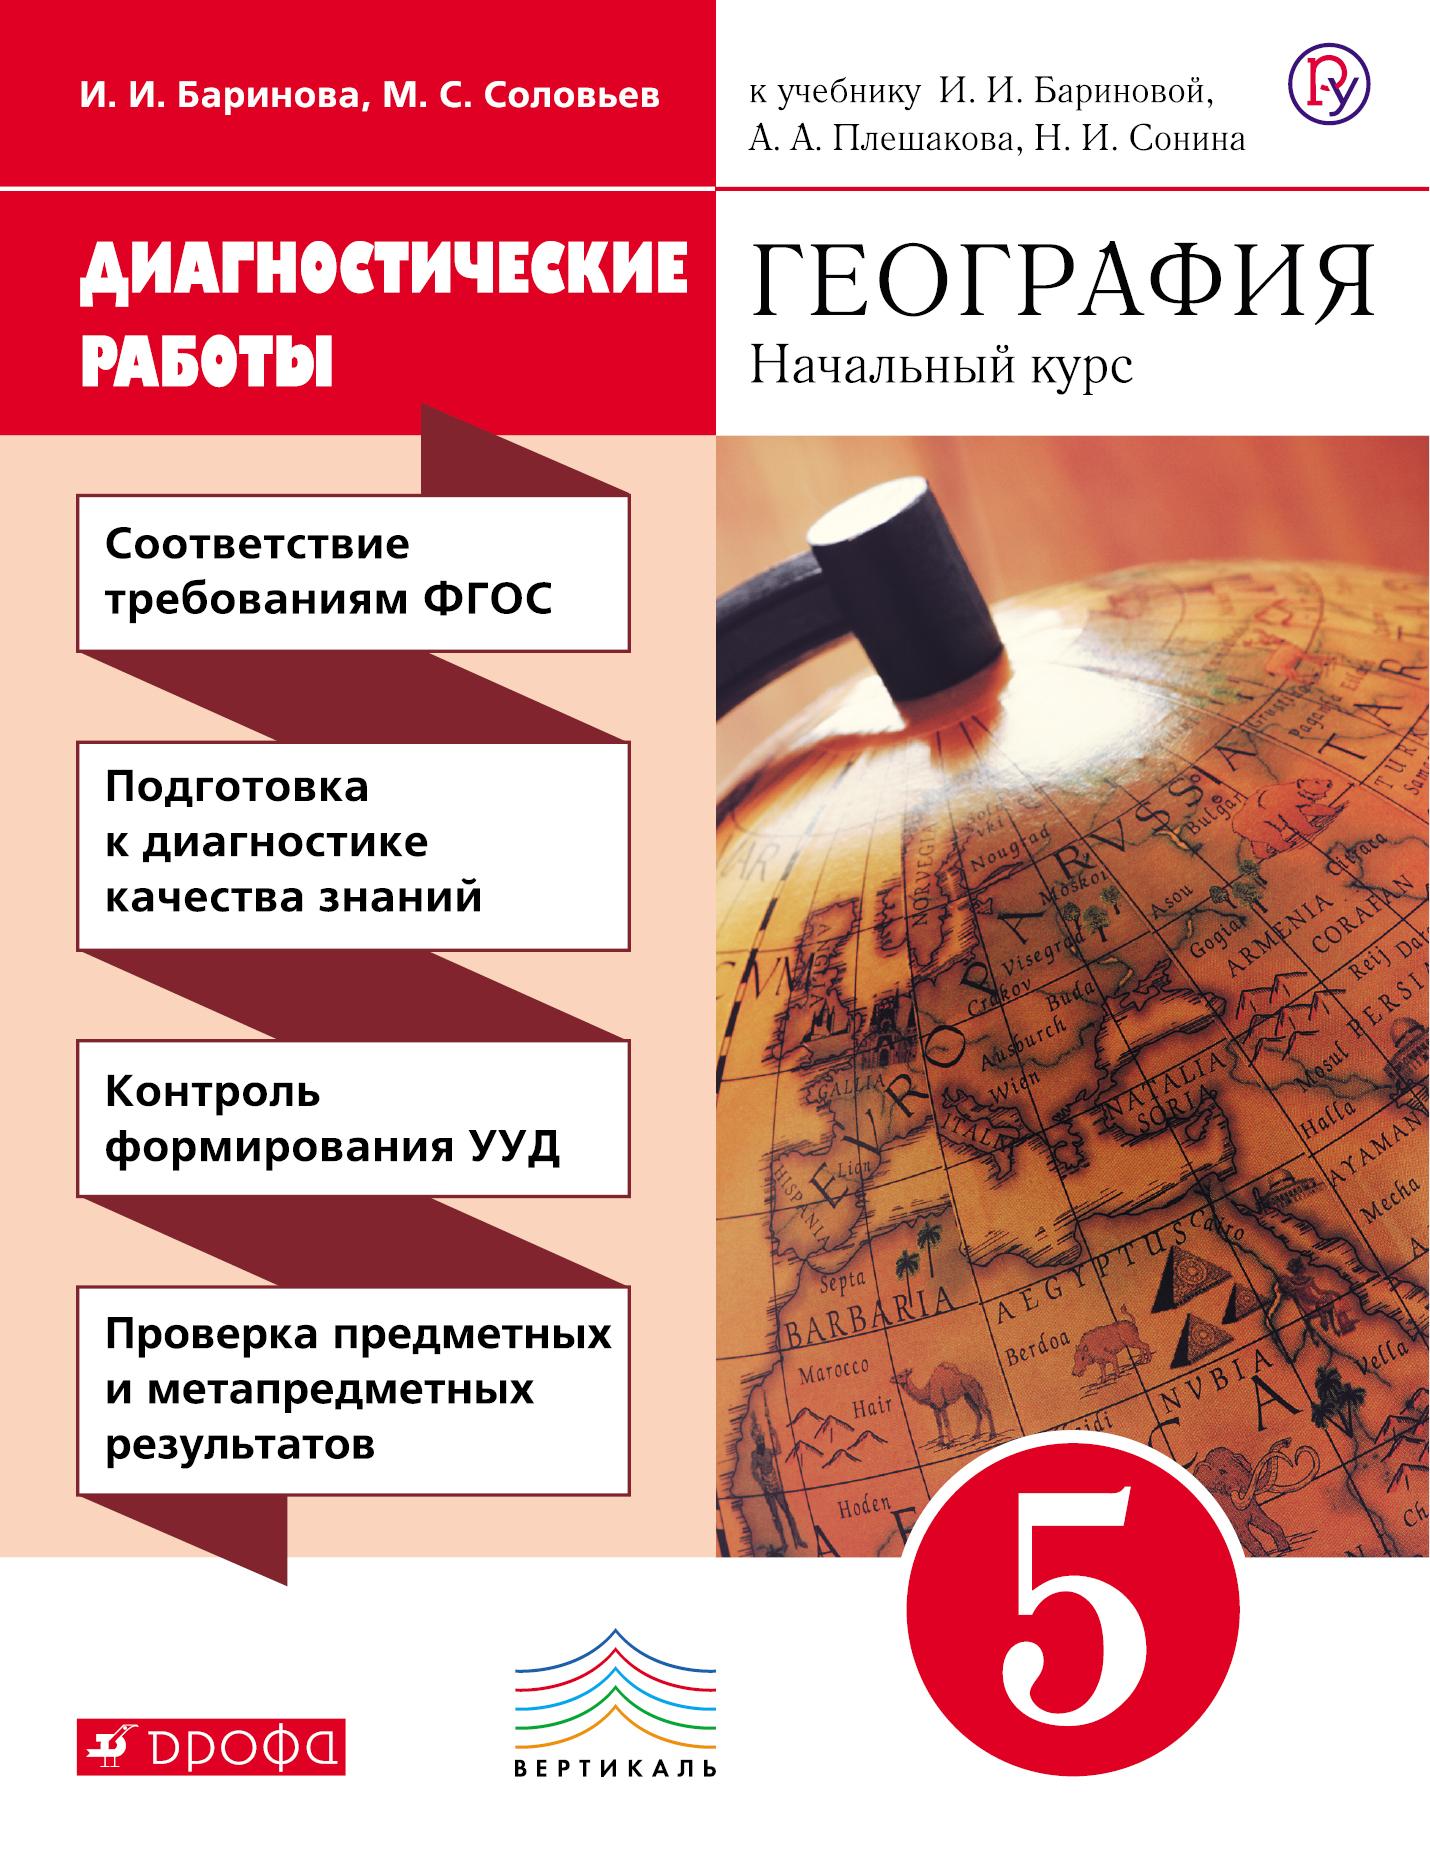 Баринова И.И., Копачева Л.П. География. 5 класс. Диагностические работы научная литература по географии